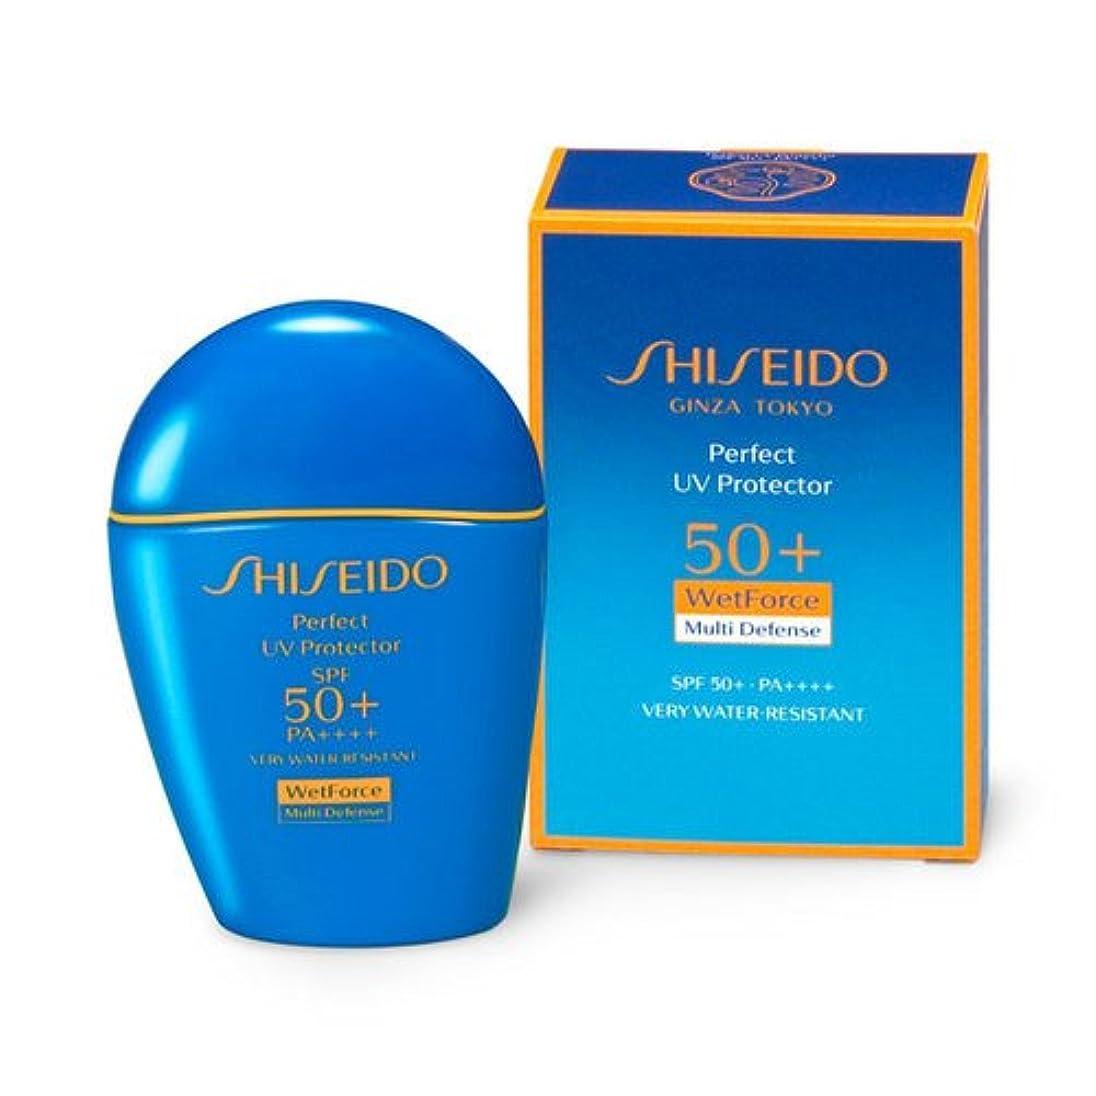 アカデミック財布構造SHISEIDO Suncare(資生堂 サンケア) SHISEIDO(資生堂) パーフェクト UVプロテクター 50mL